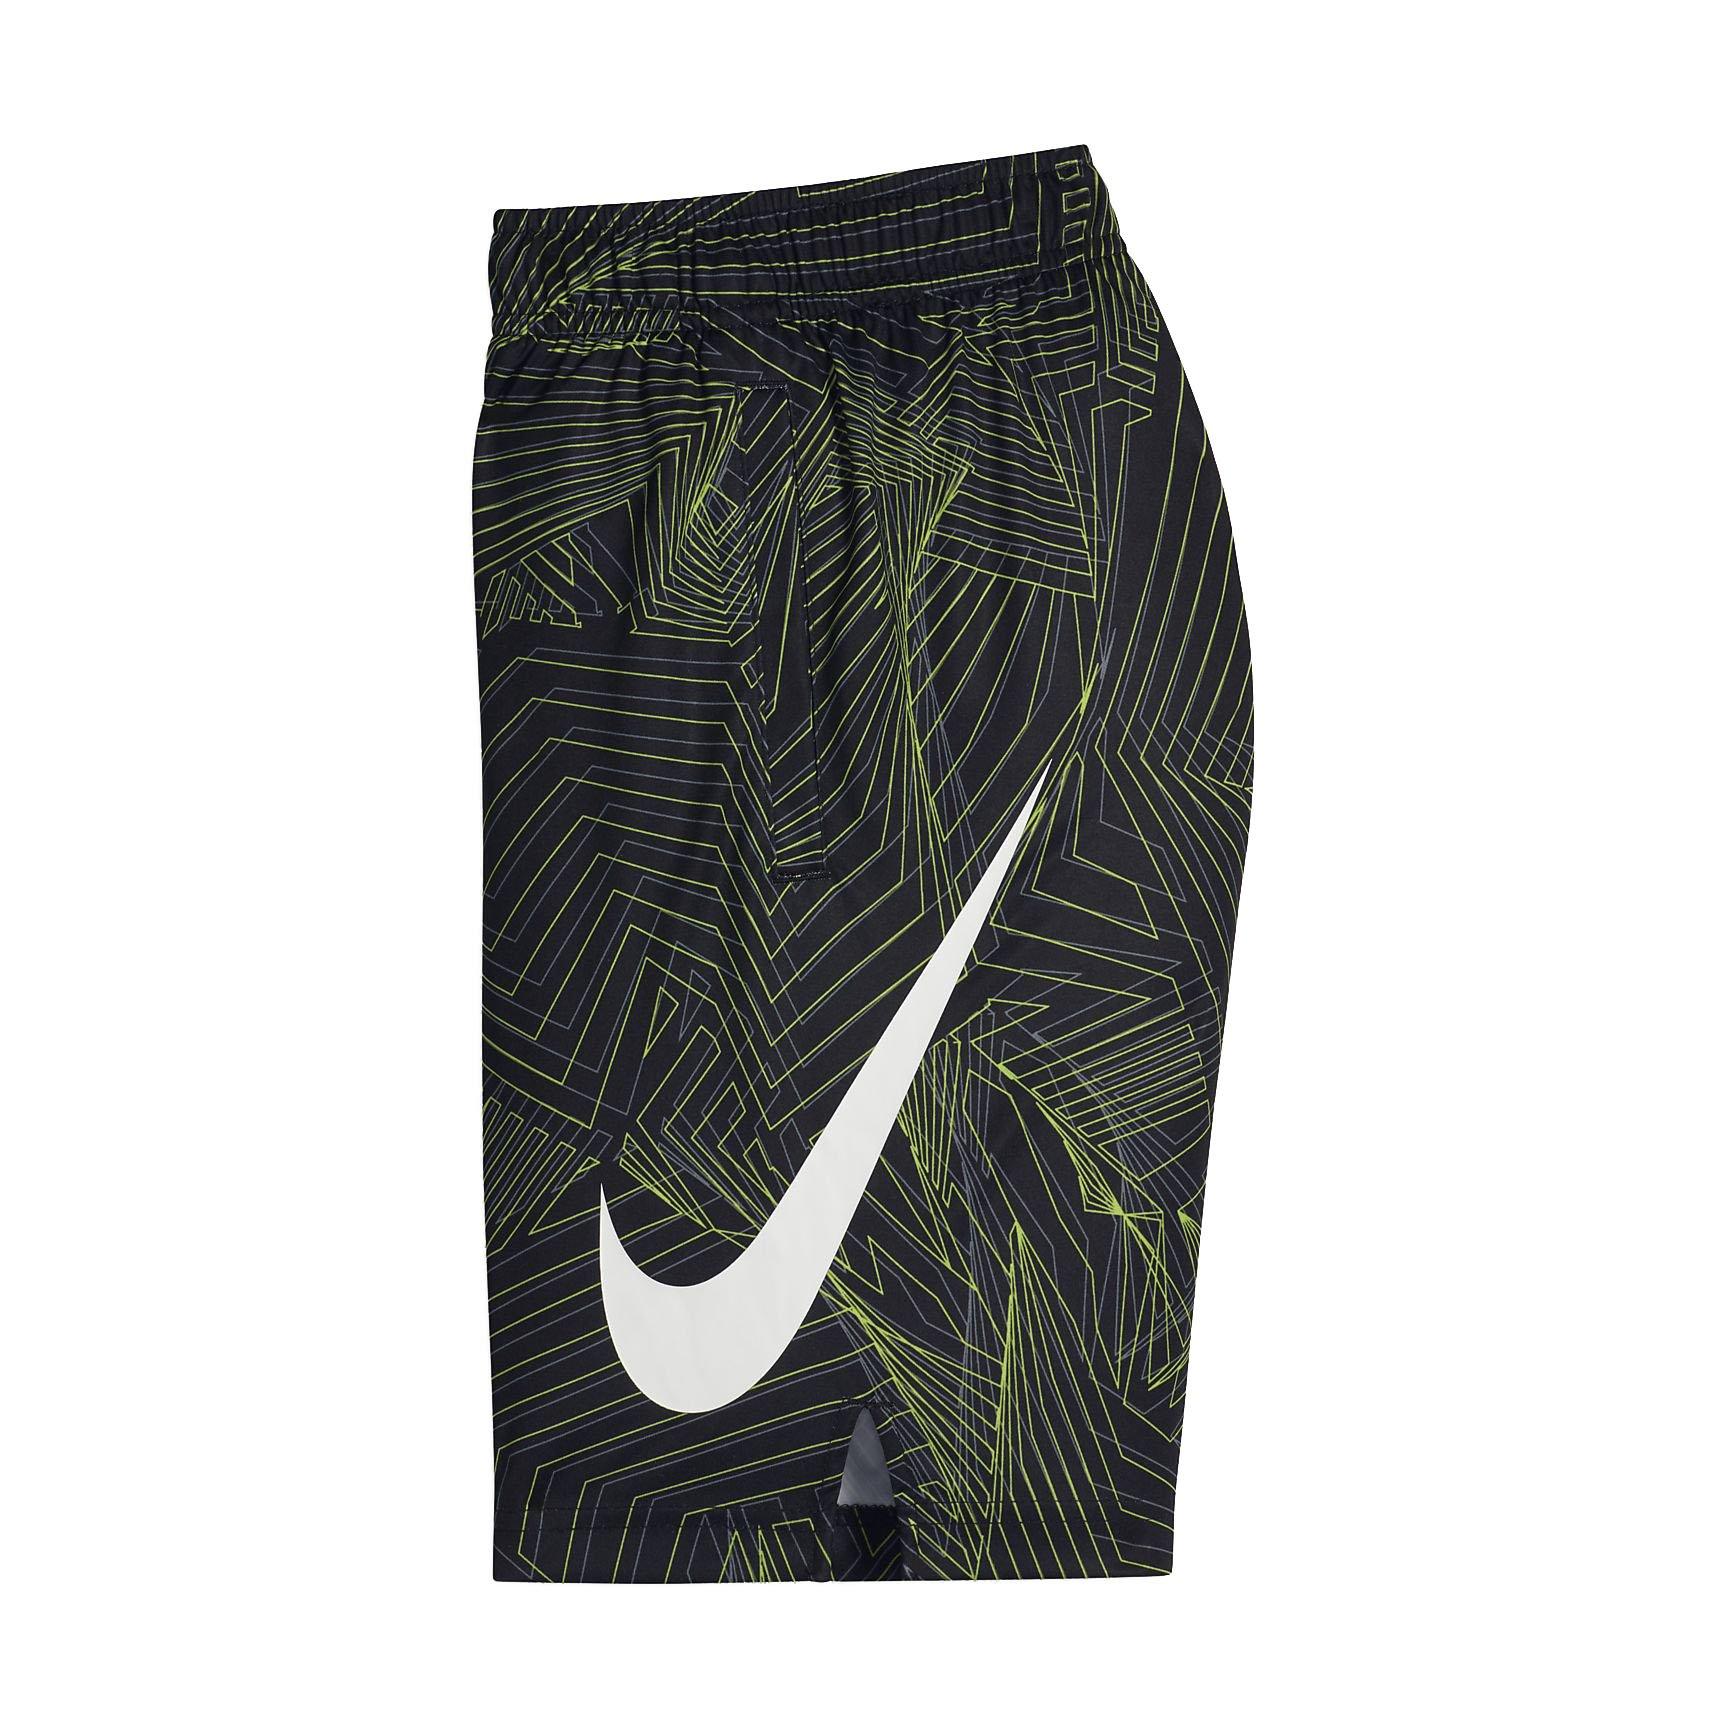 NIKE Big Kids' (Boys') Dri-FIT Training Shorts (Black(892490-010)/Cool Grey, Medium)